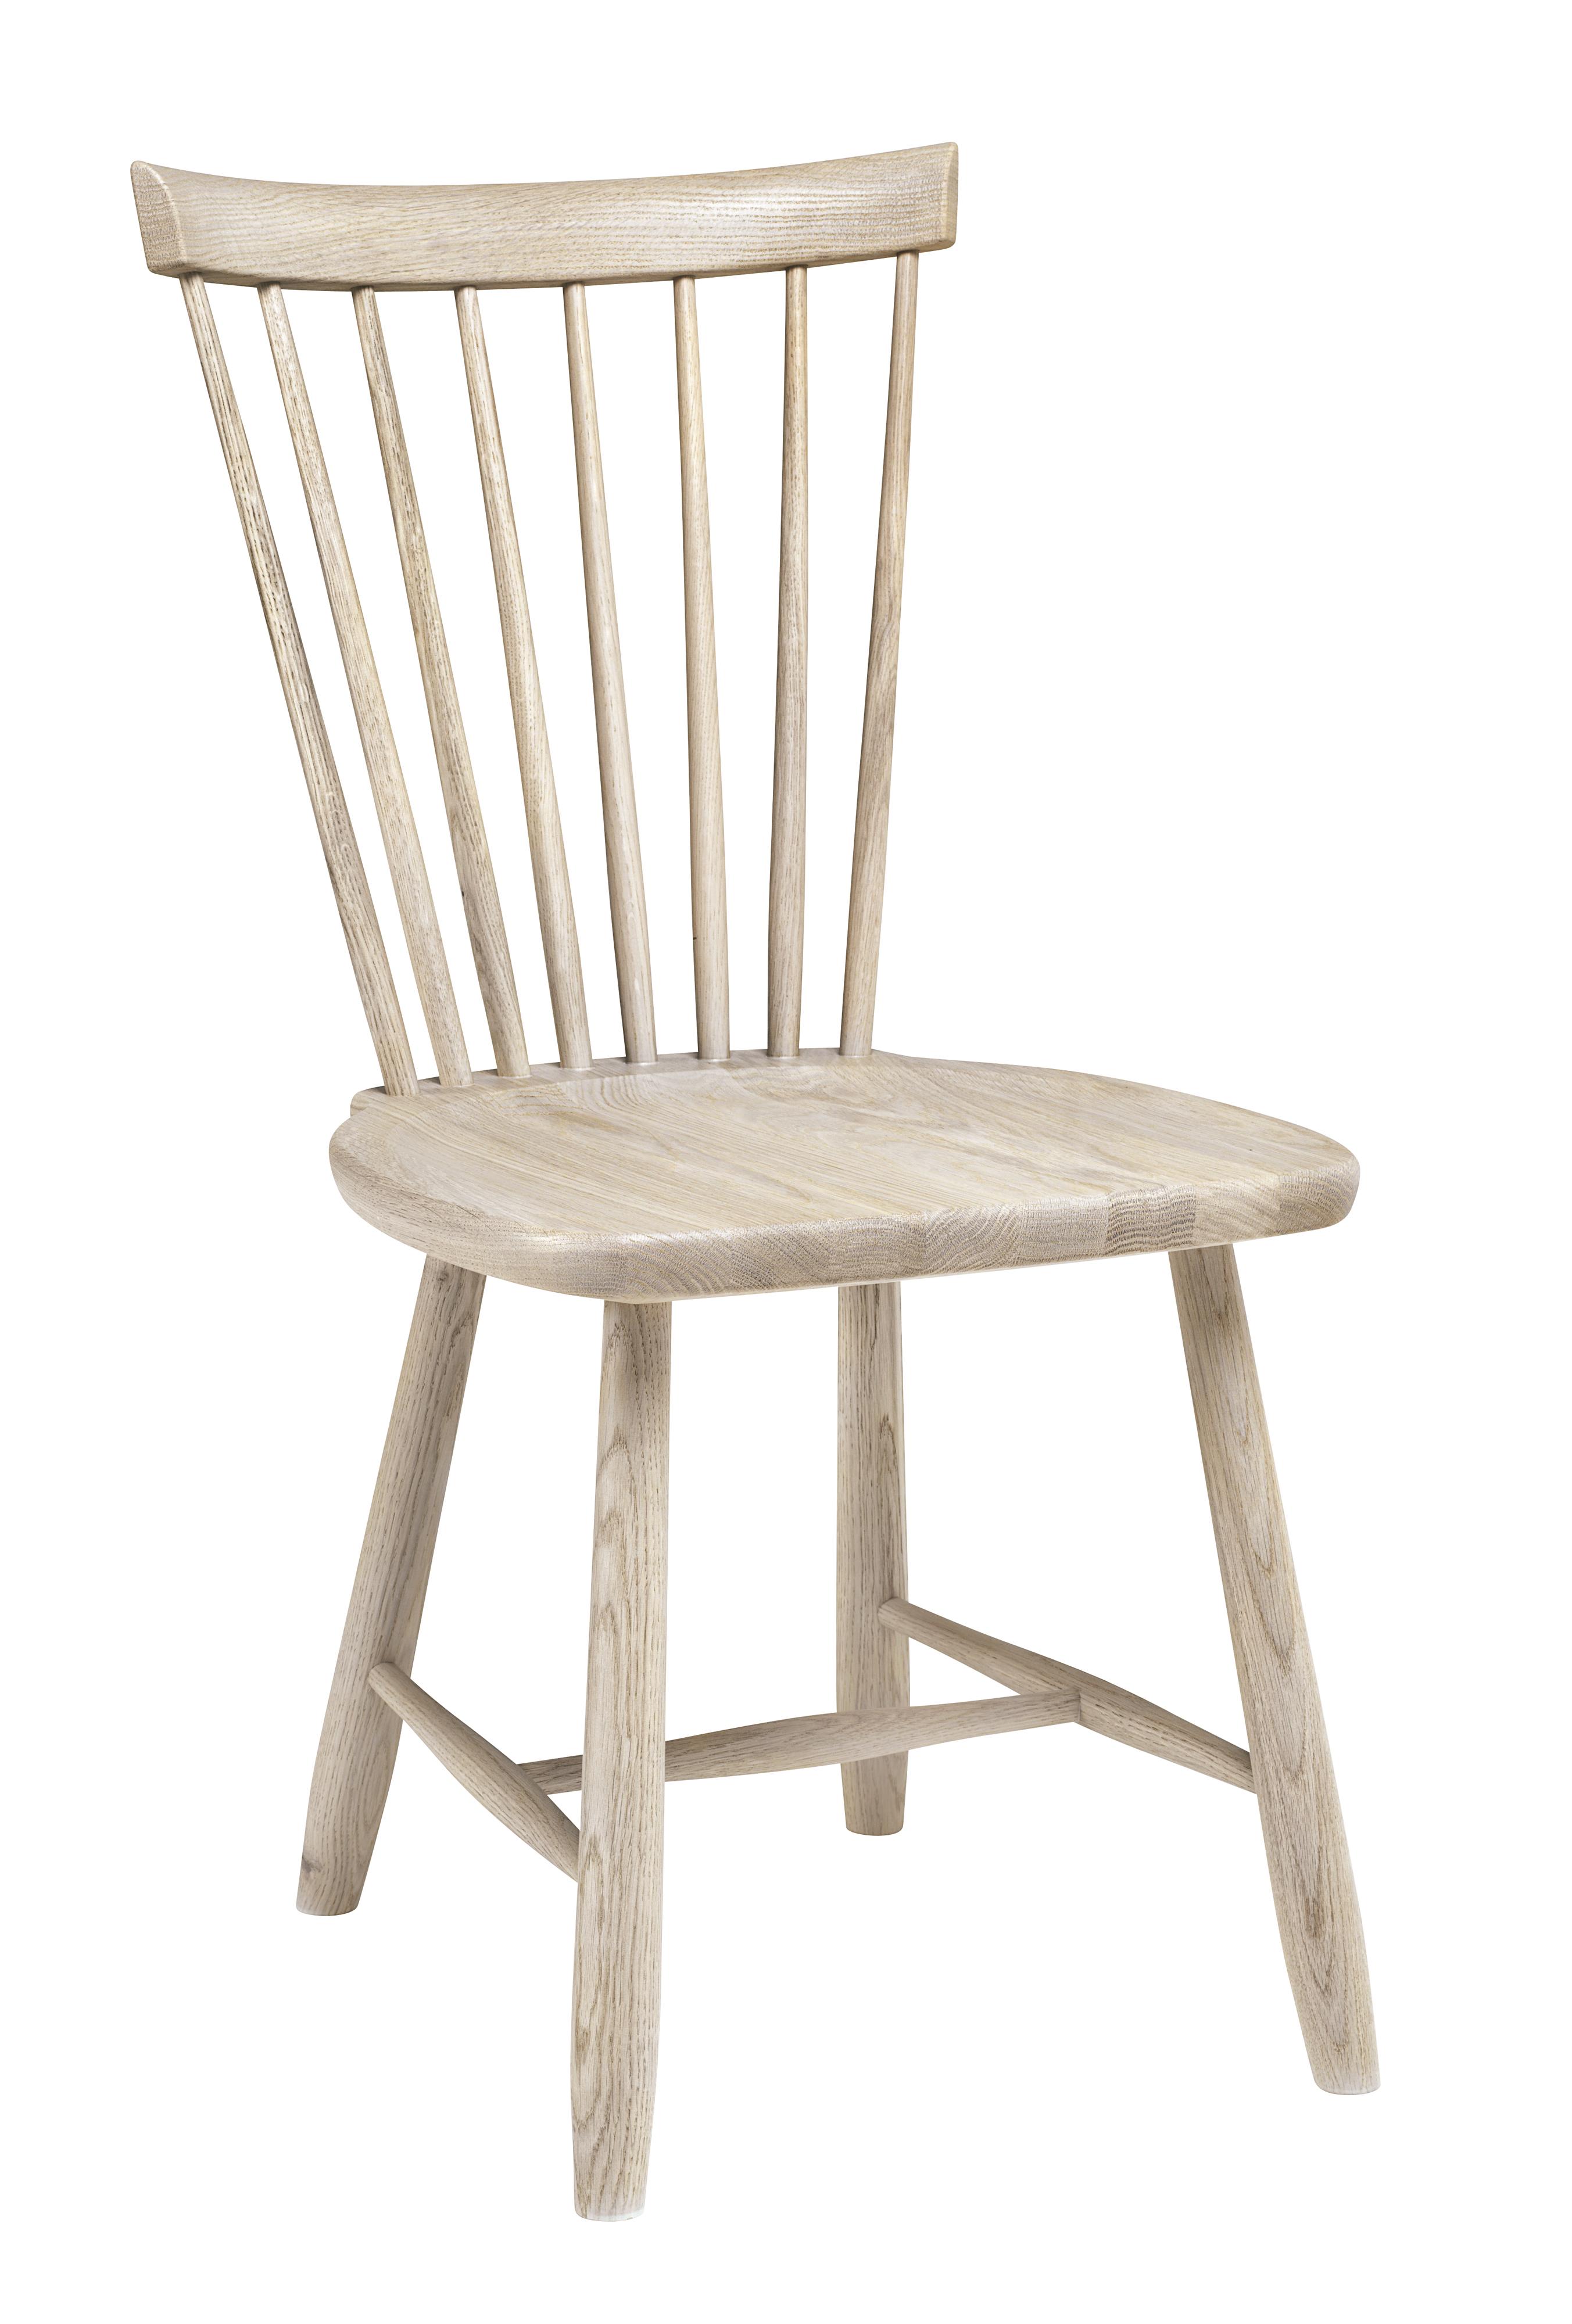 Lillaåland stol vitoljad ek Bredaryds Möbler